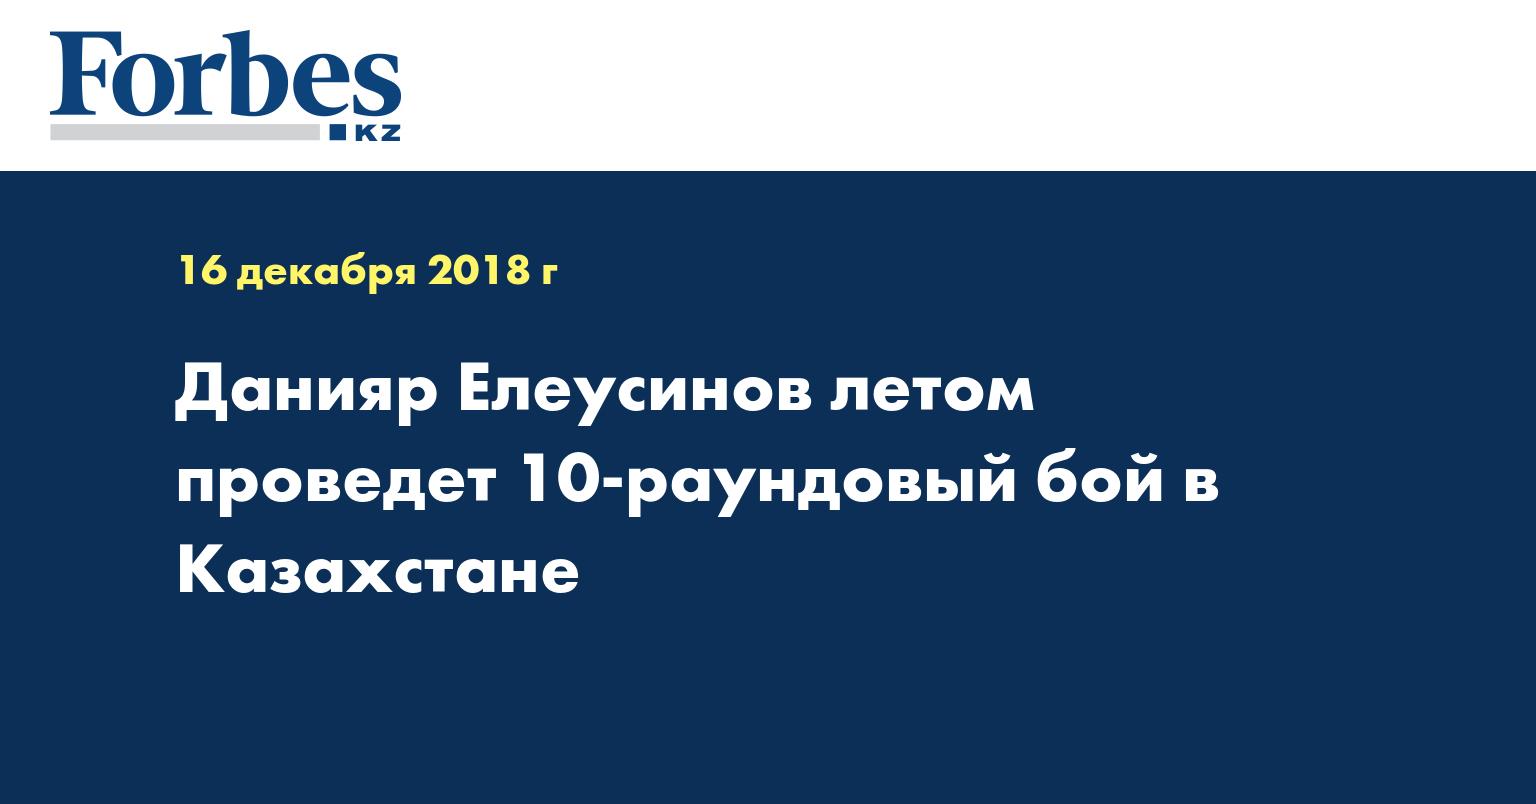 Данияр Елеусинов летом проведет 10-раундовый бой в Казахстане